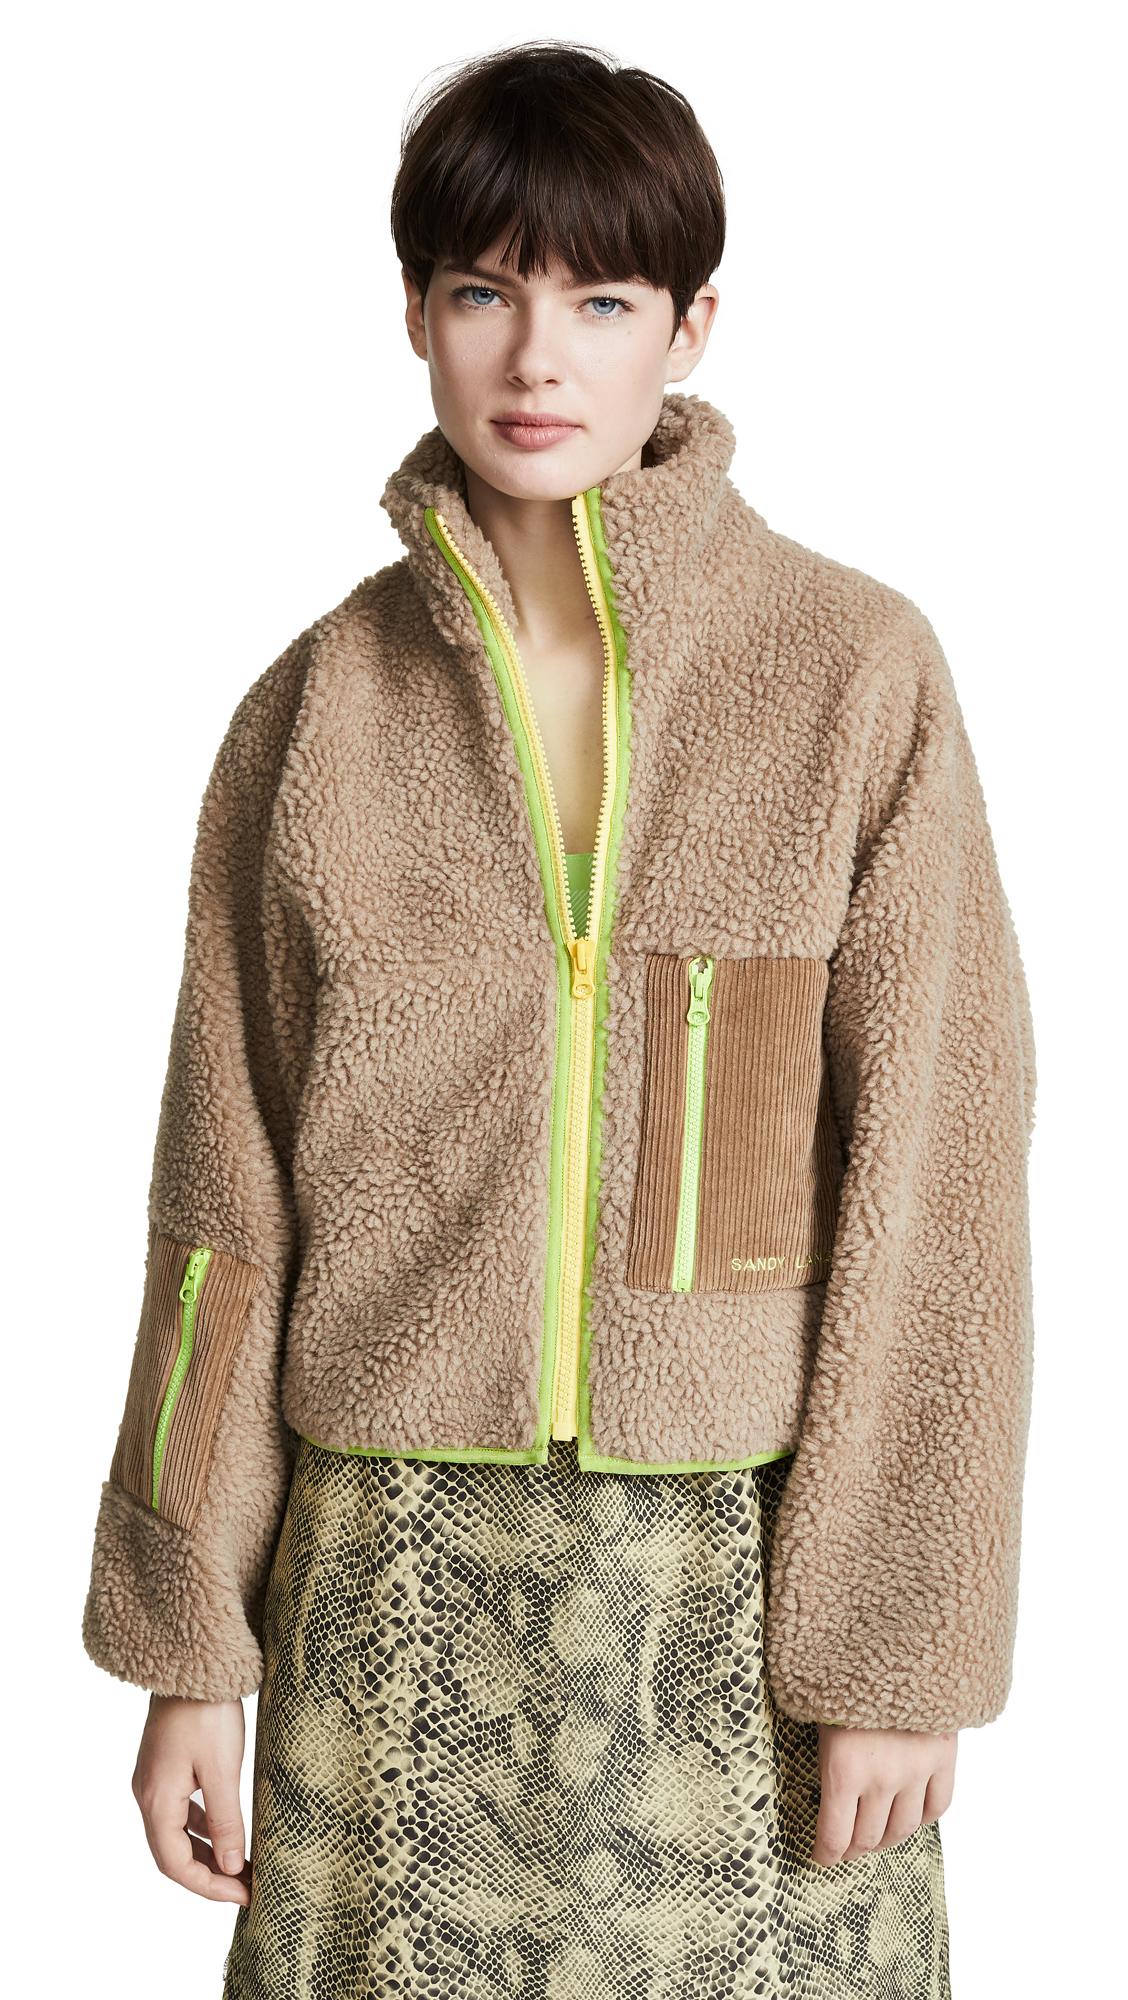 Dw Fleece Jacket in Teddy